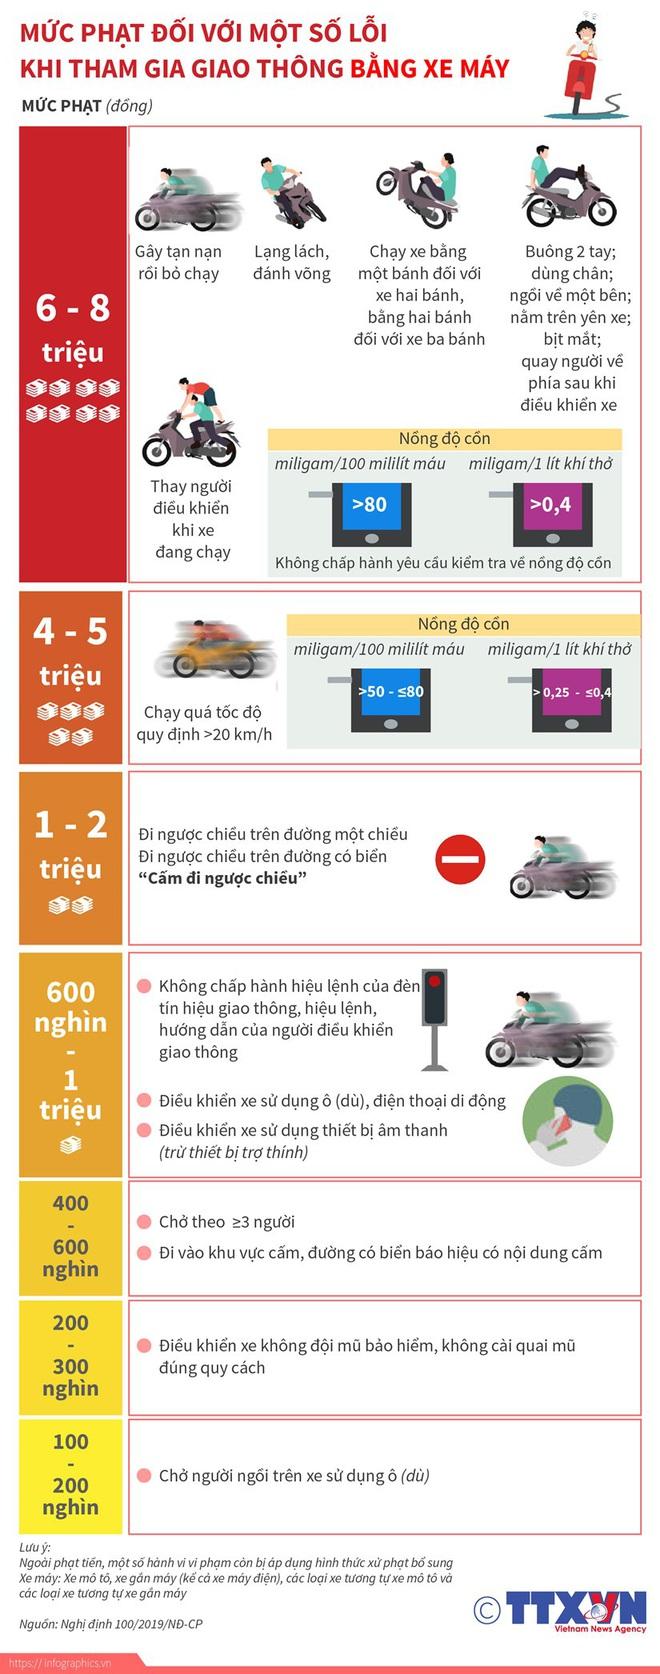 [Infographics] Mức phạt tiền một số lỗi vi phạm giao thông với xe máy - Ảnh 1.